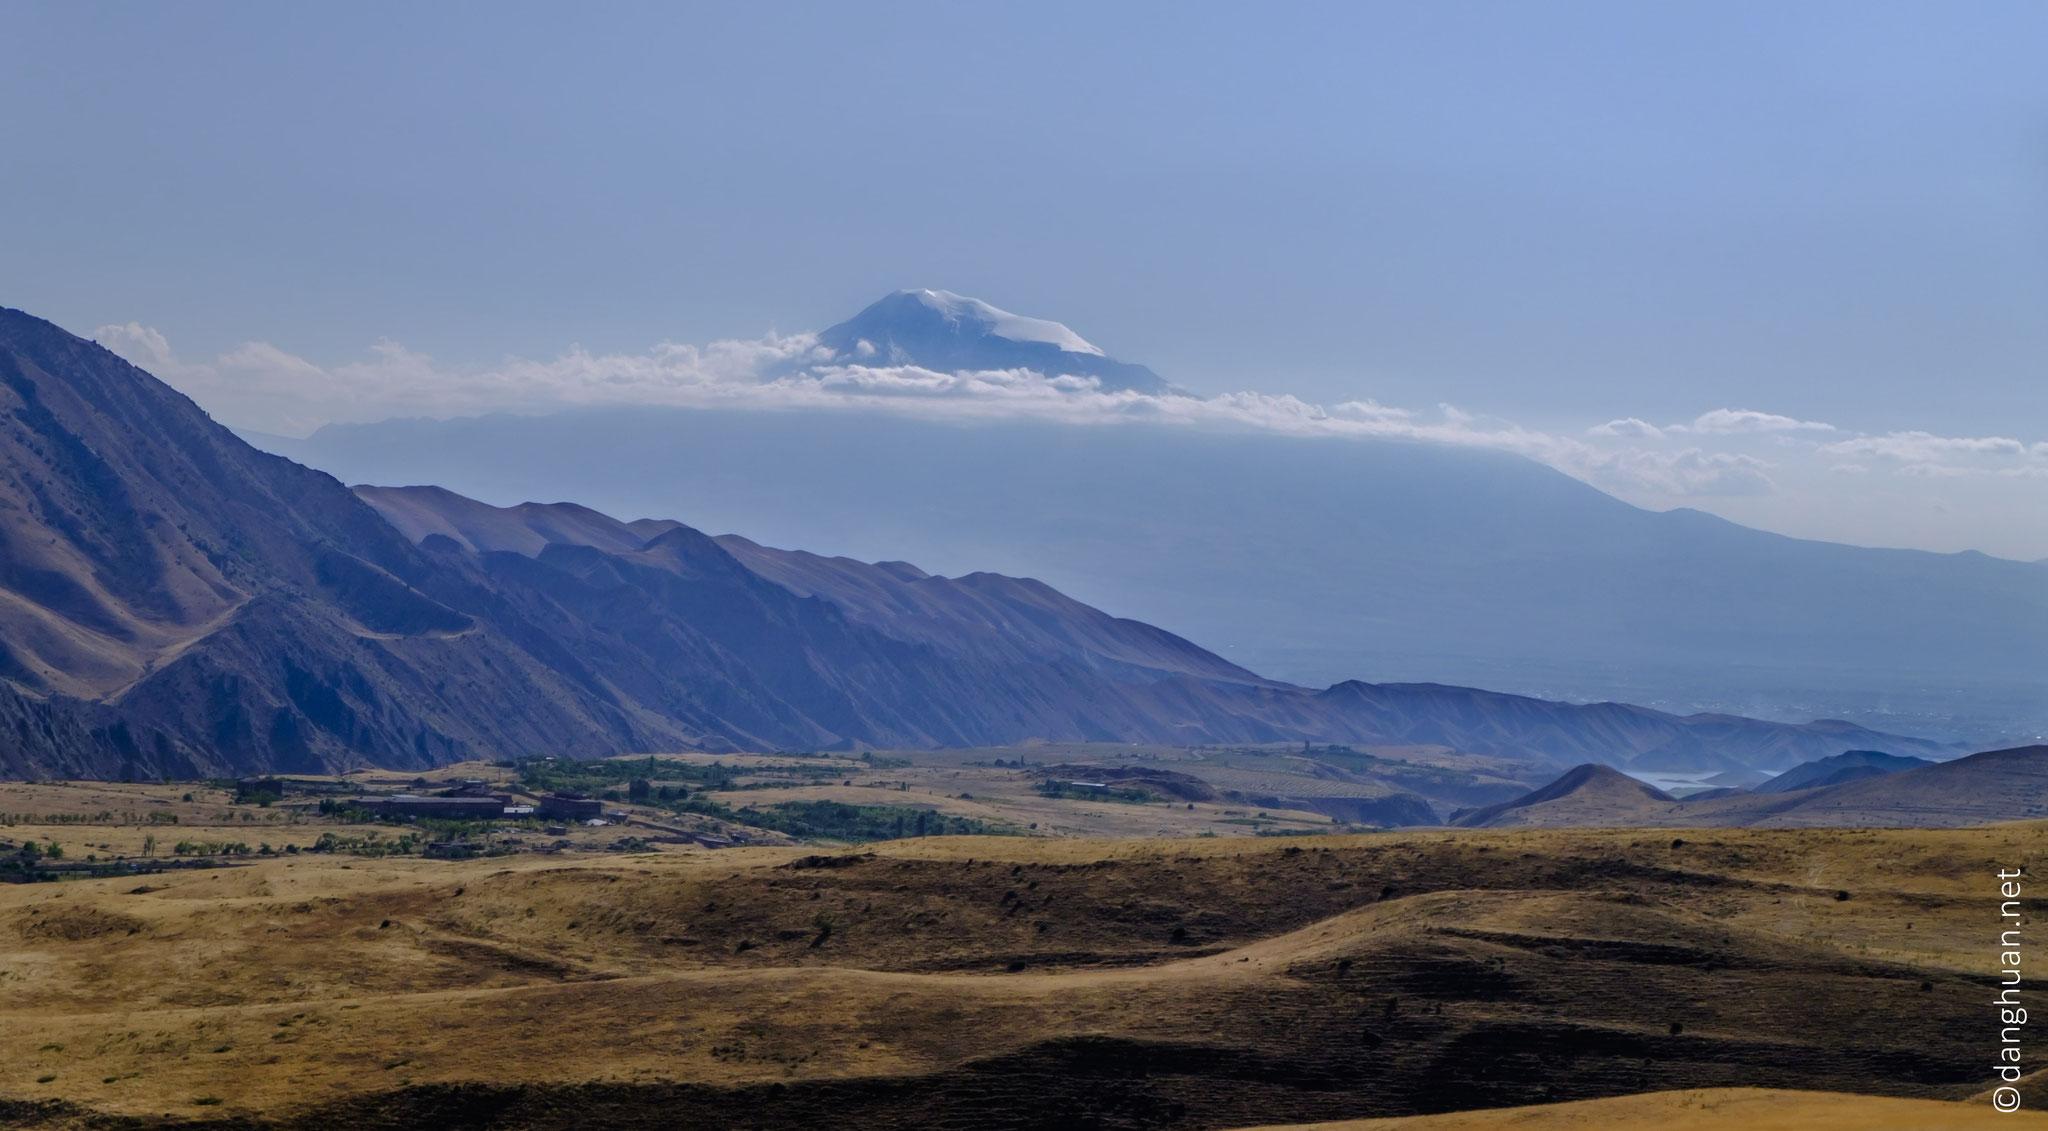 ... du monde Ararat qui continue d'être l'un des symboles principaux...